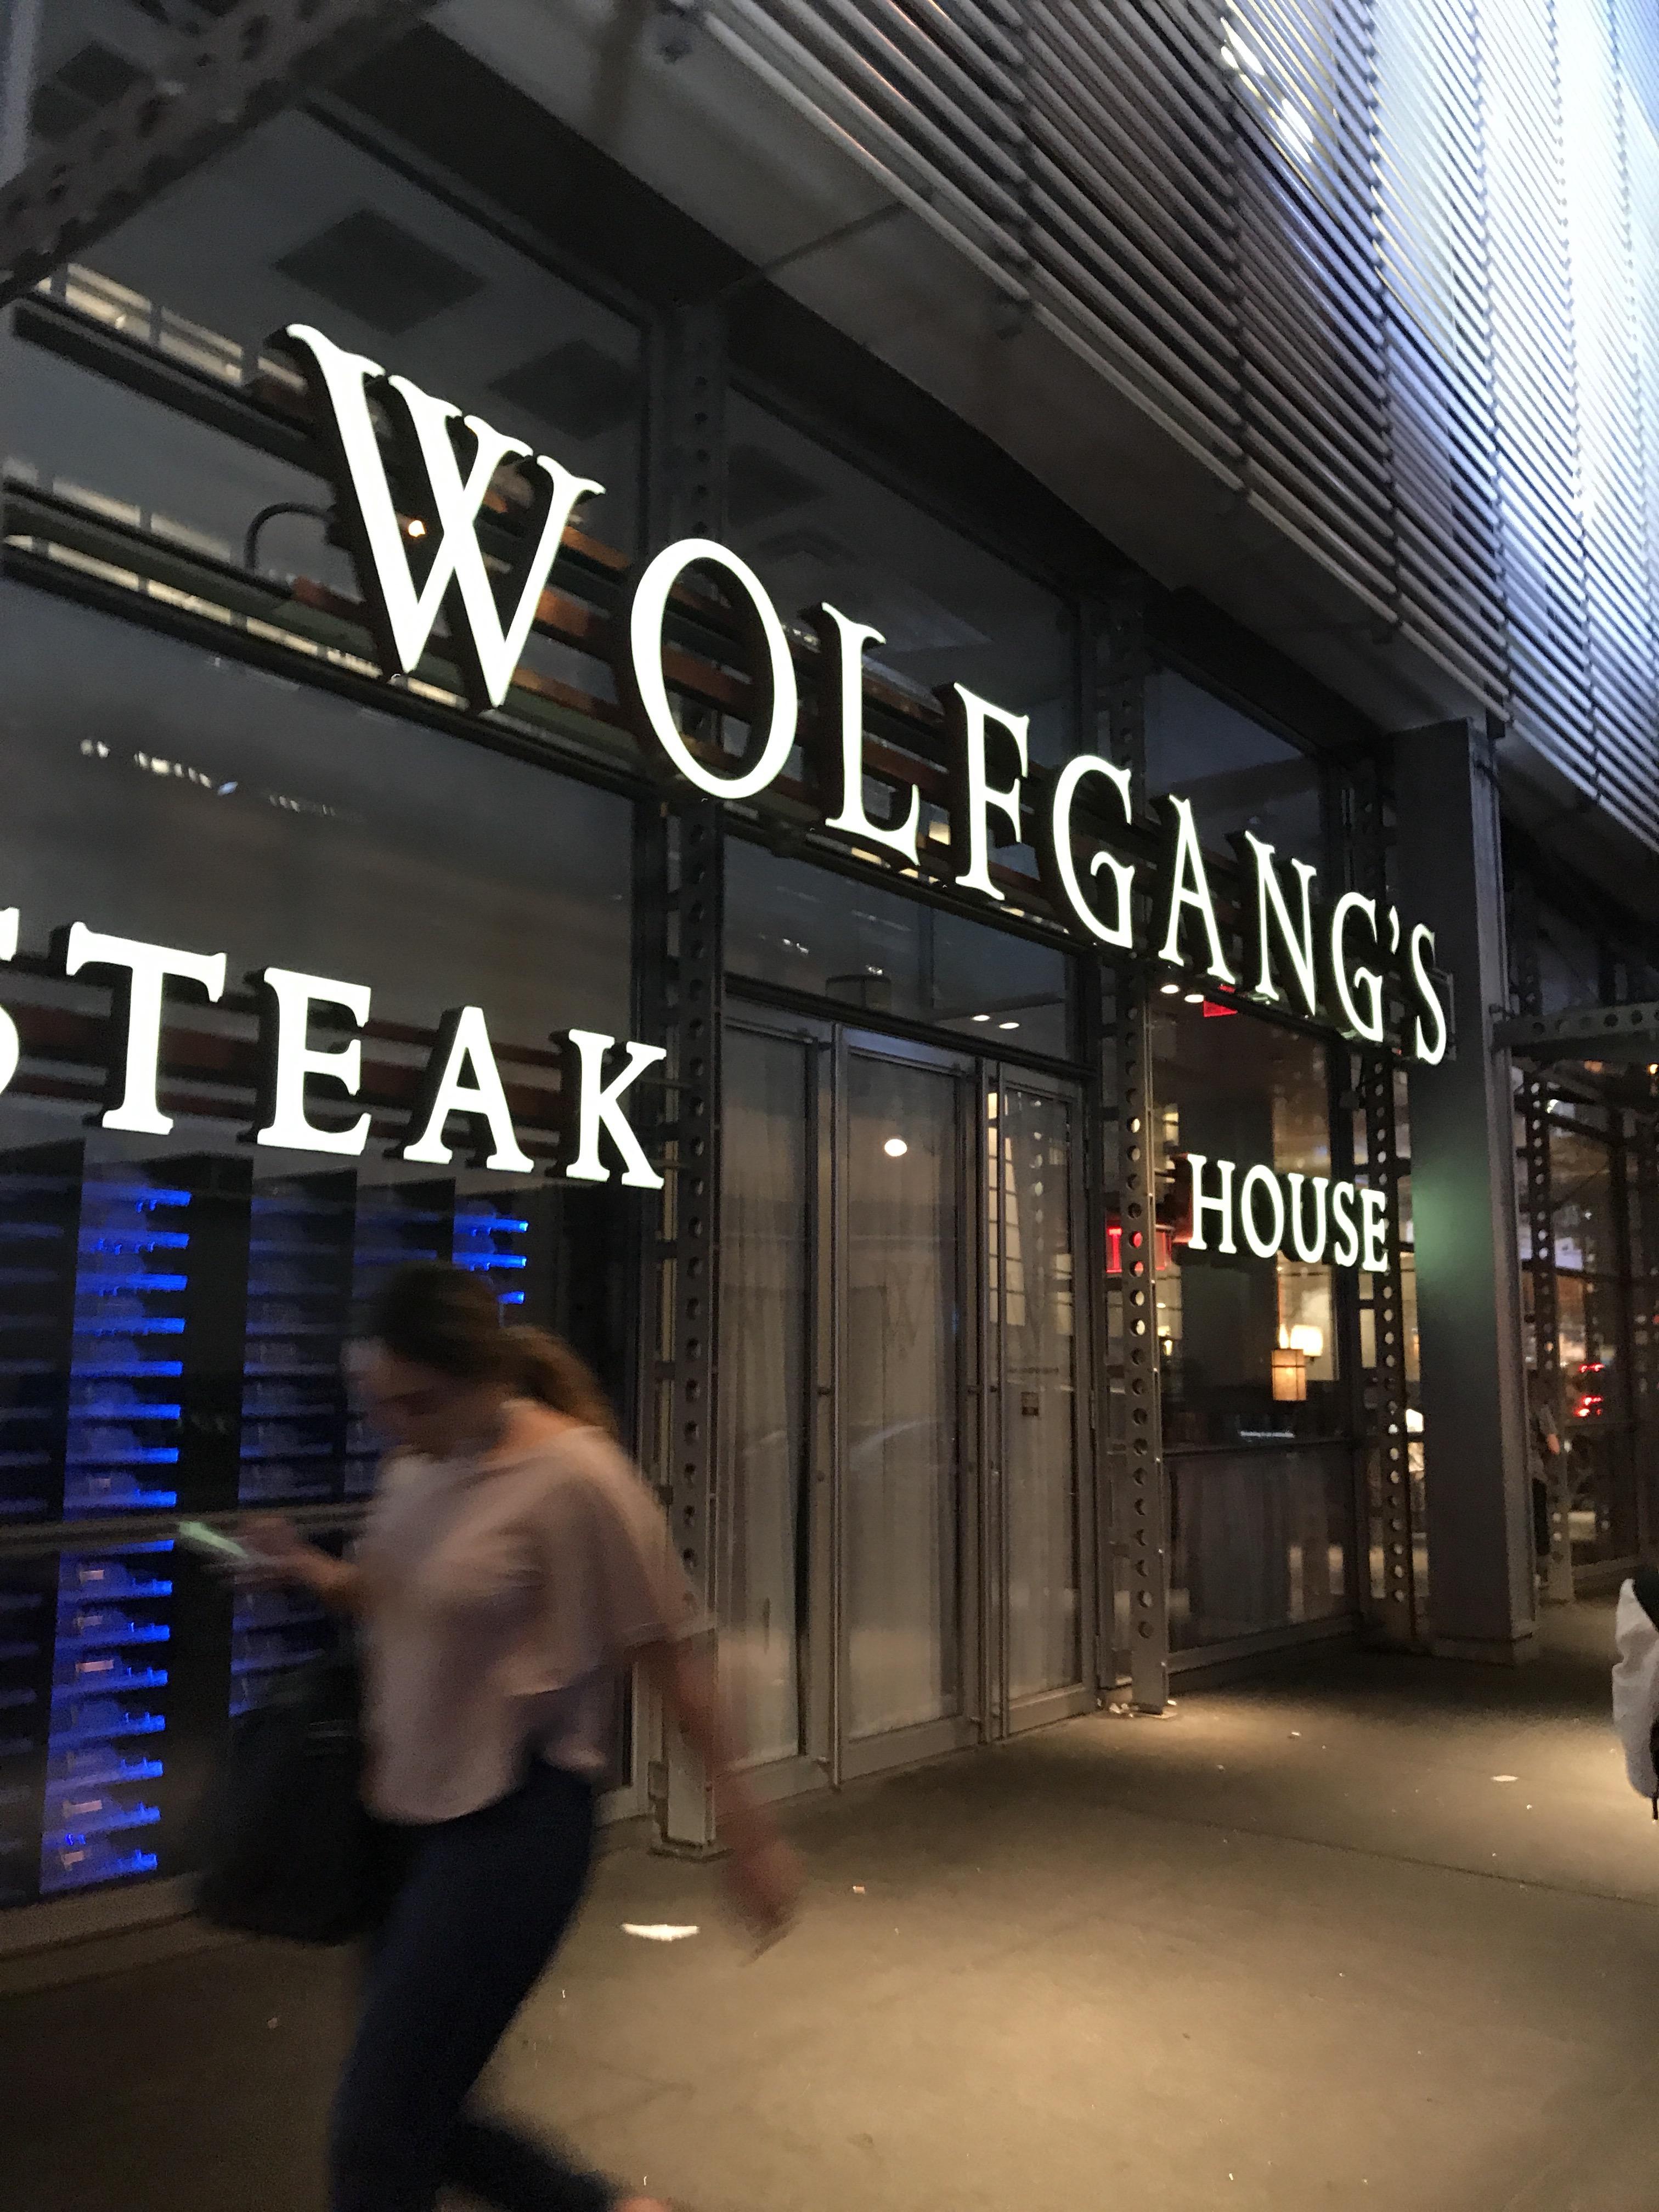 wolfgang-steak